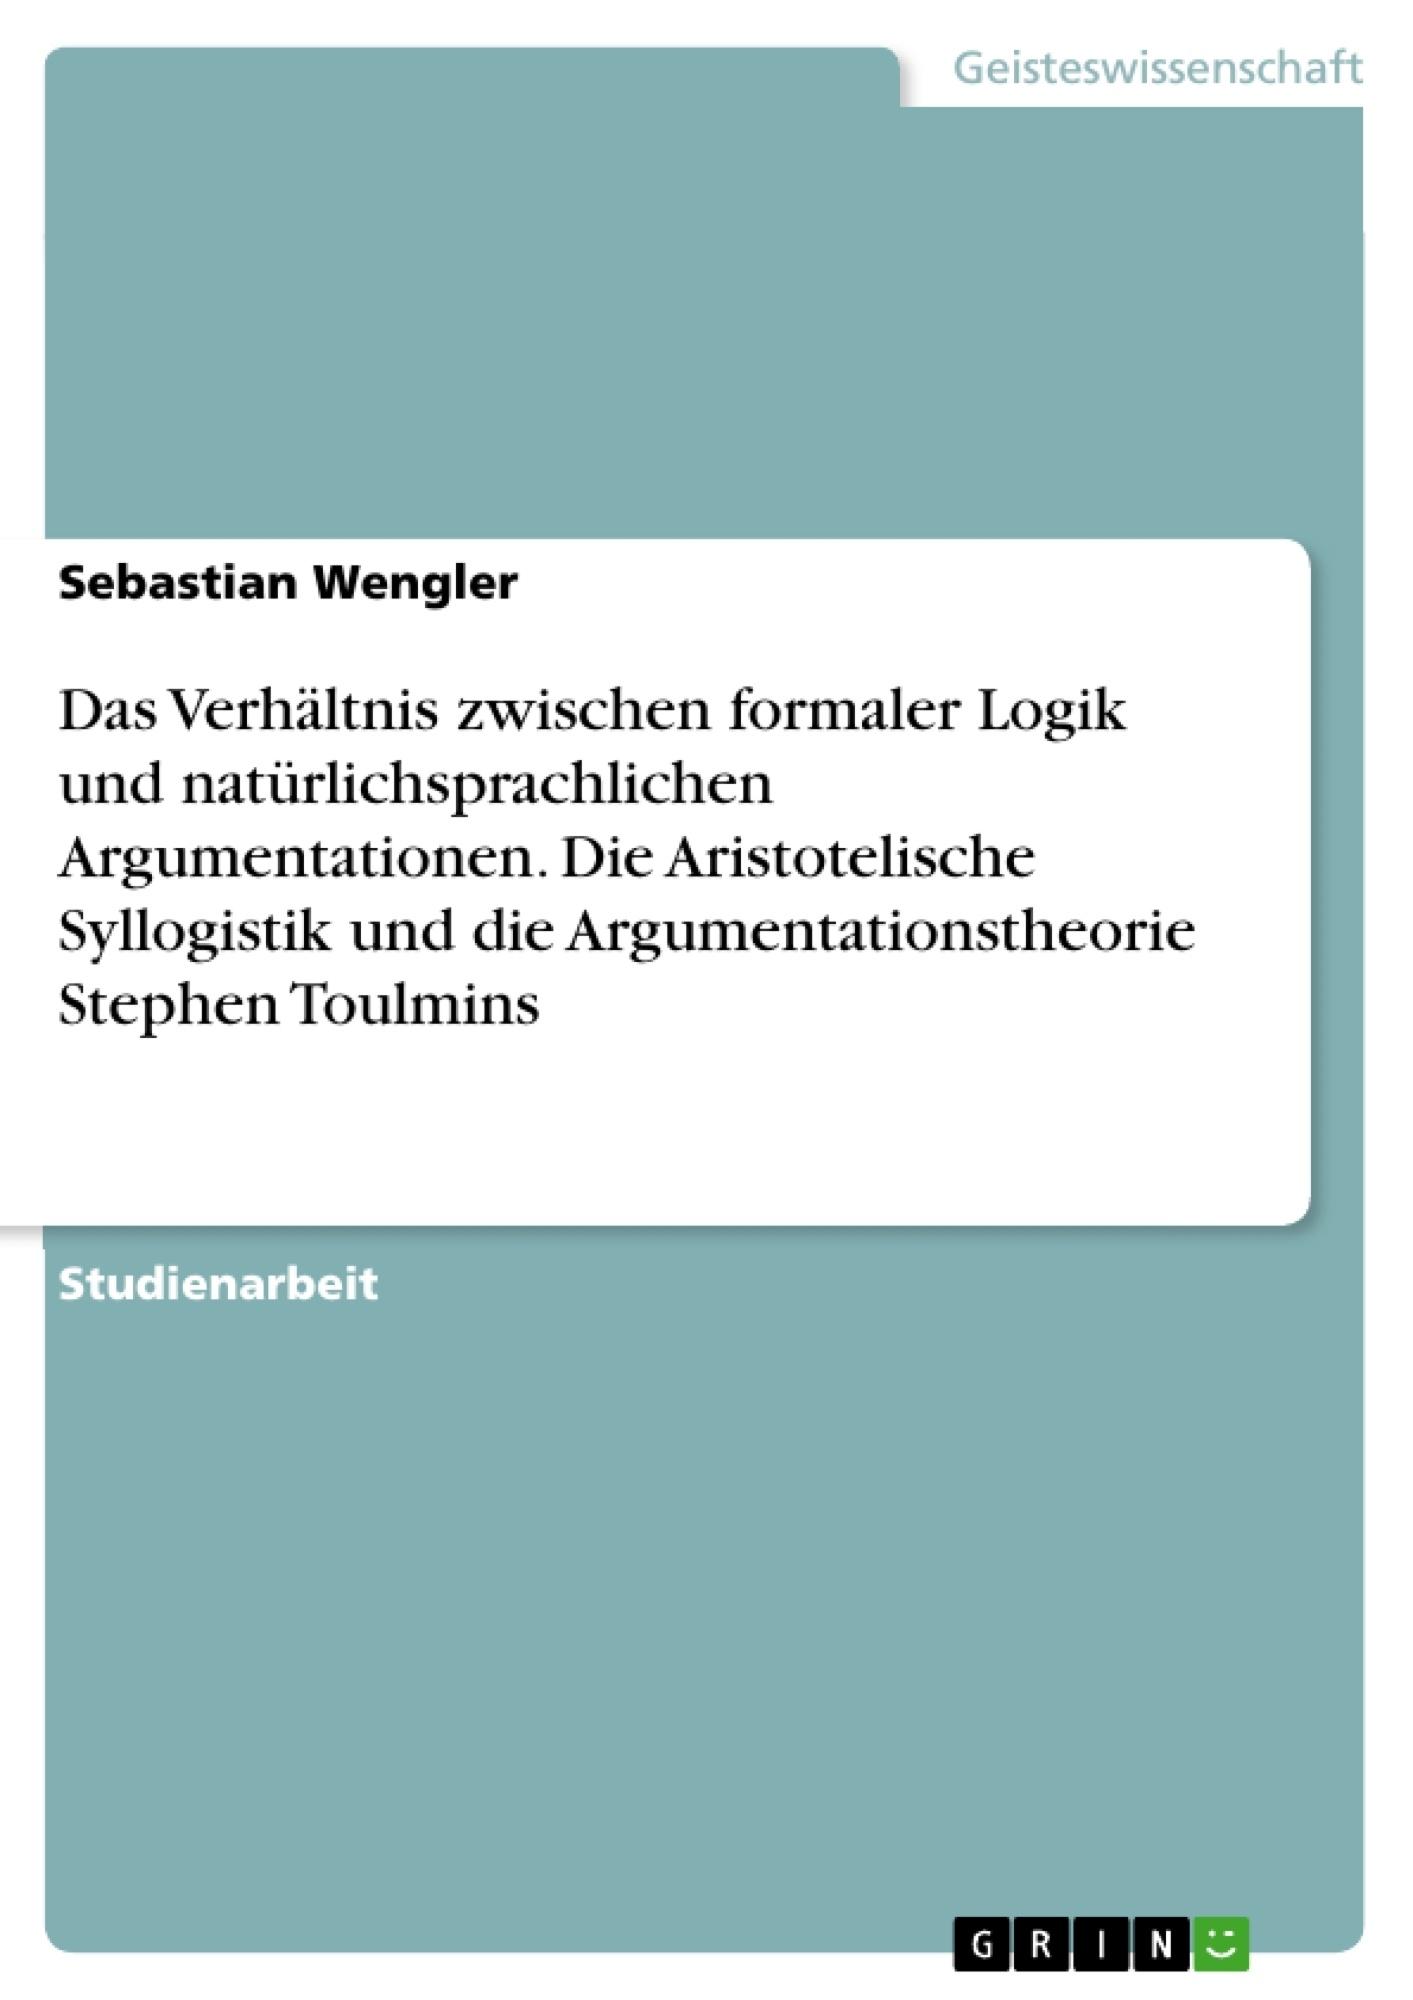 Titel: Das Verhältnis zwischen formaler Logik und natürlichsprachlichen Argumentationen. Die Aristotelische Syllogistik und die Argumentationstheorie Stephen Toulmins